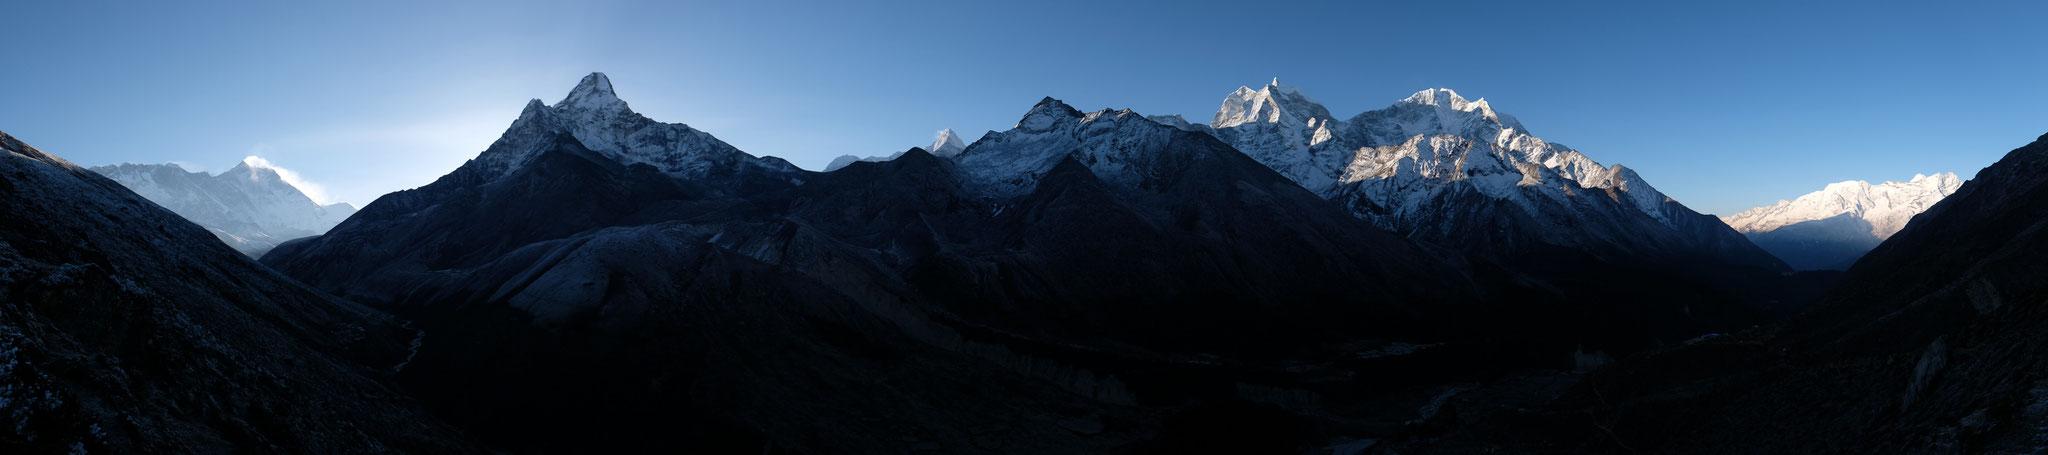 Aussen links die 8000er Mount Everest und Lhotse, Mitte links Ama Dablam, Mitte rechts die formschönen Kangtega undThamserku.